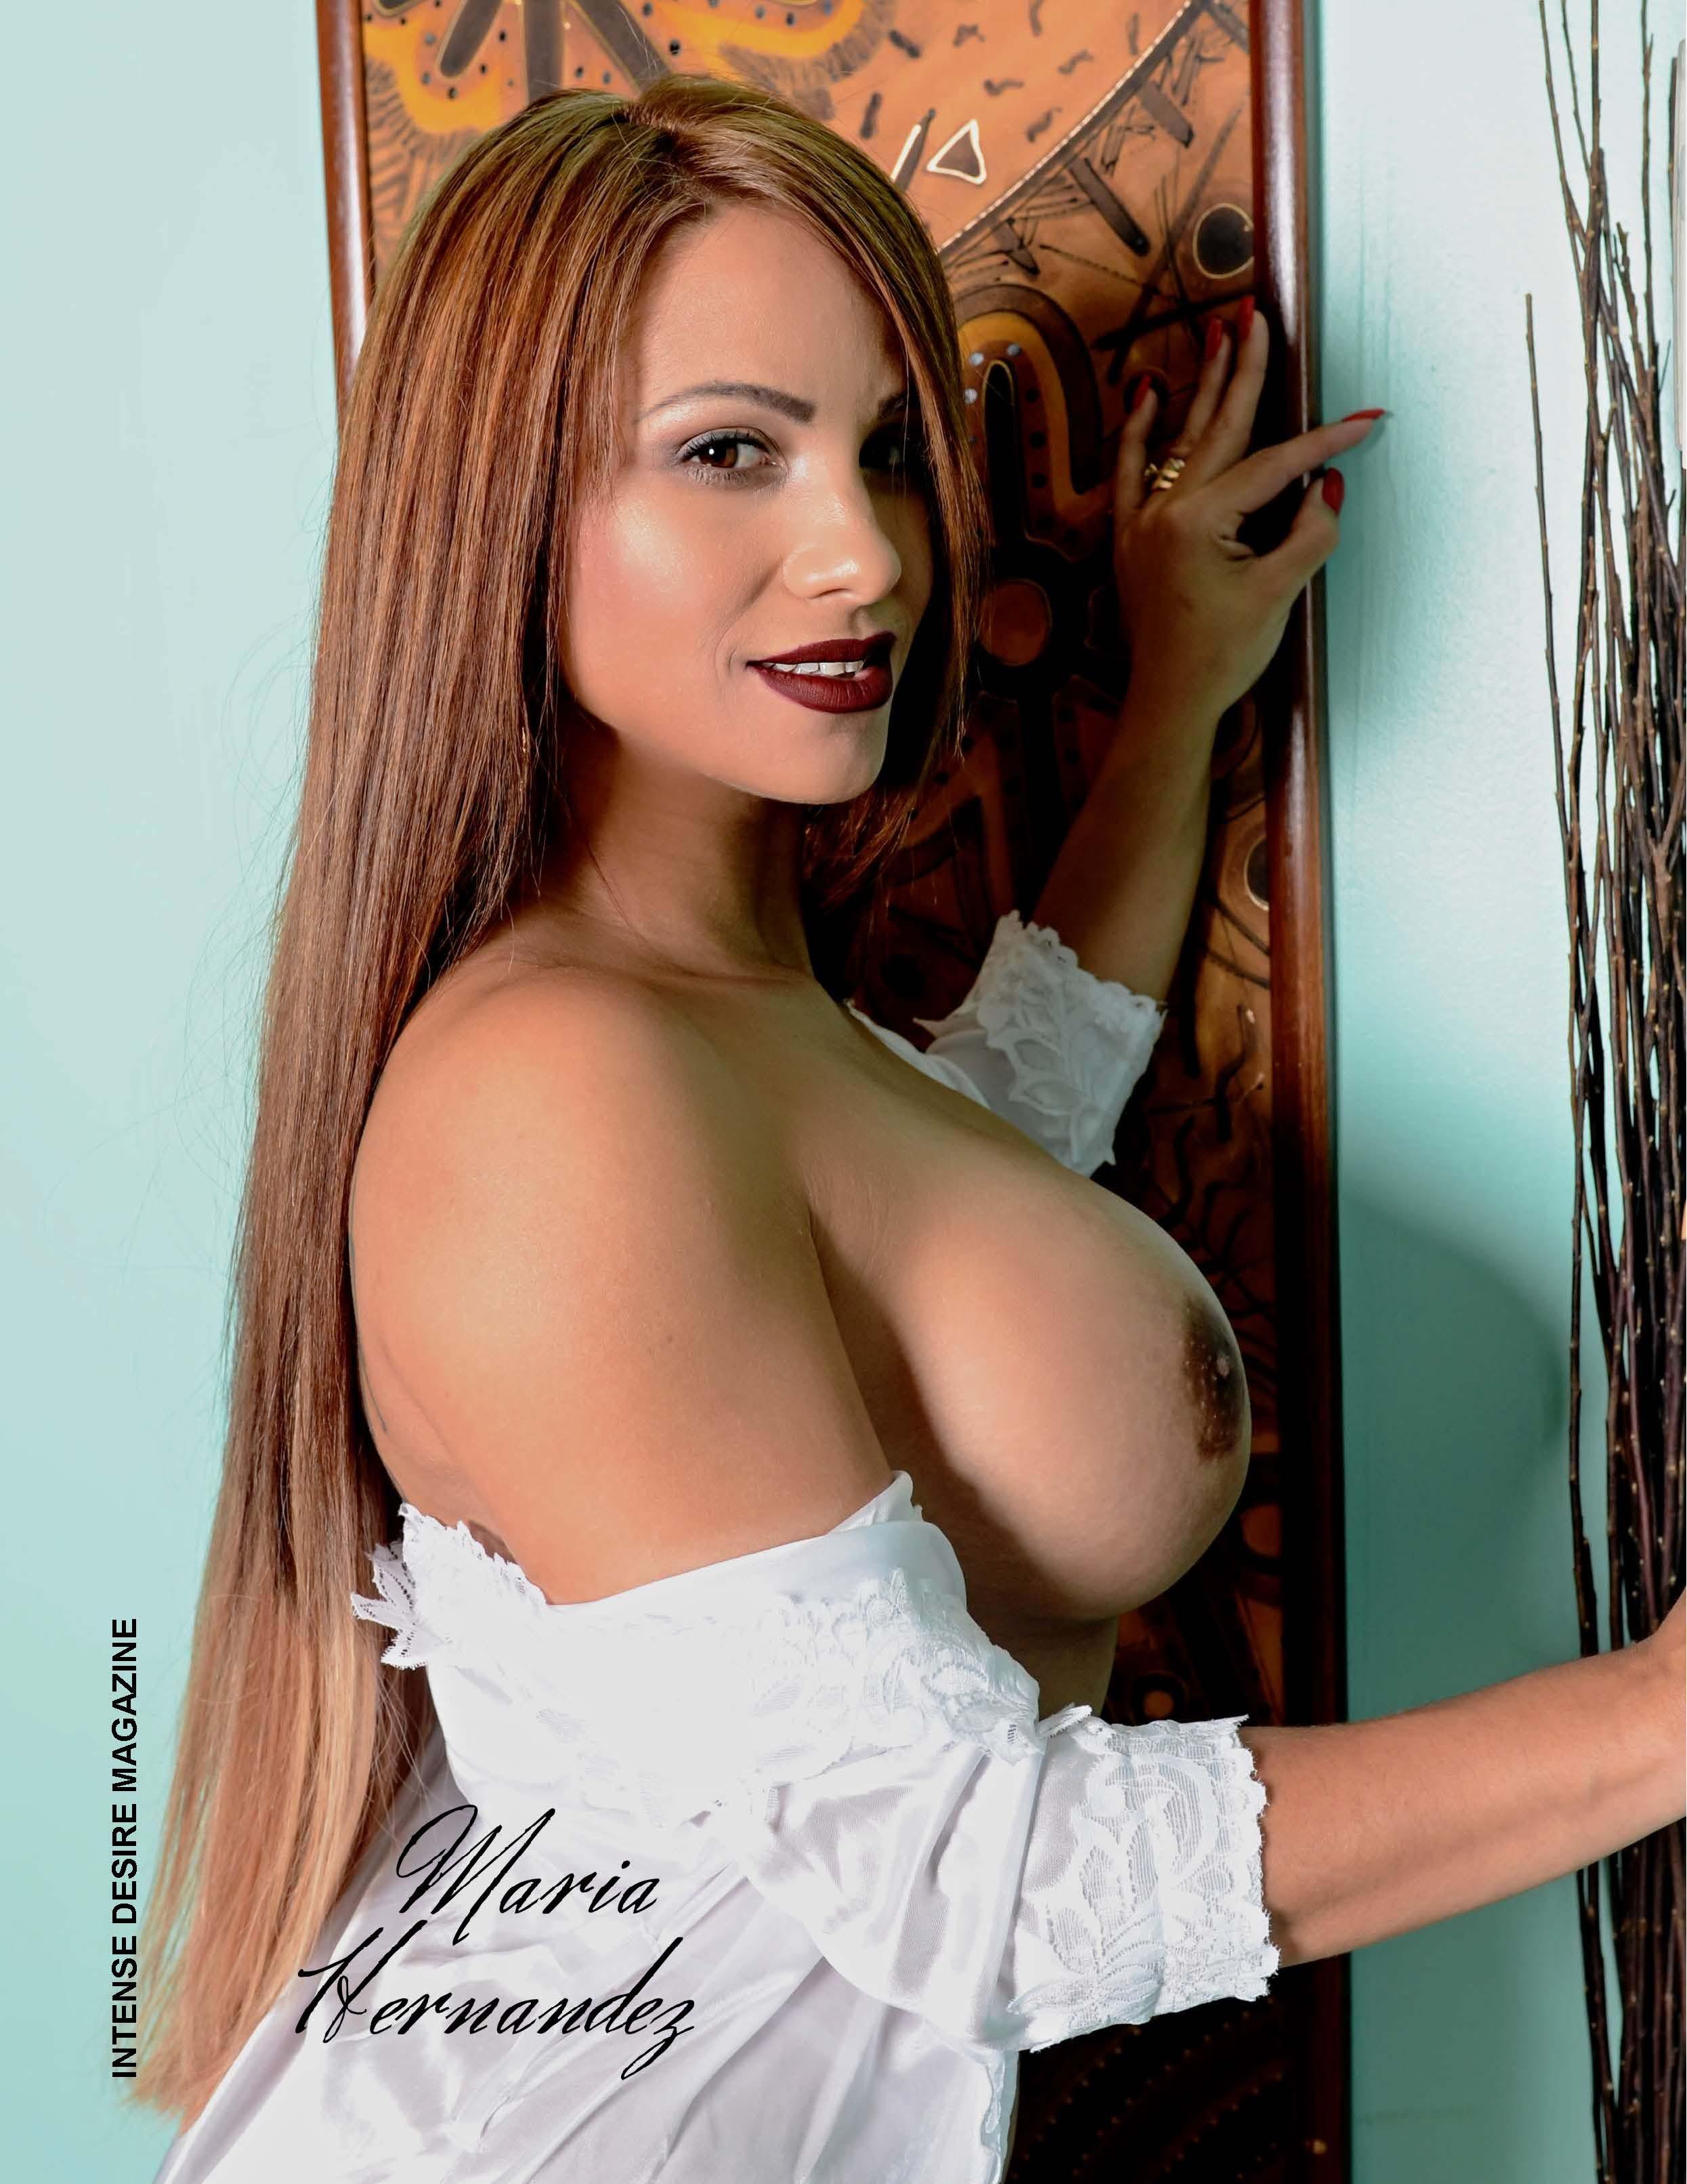 Maria Hernandez - Cuba